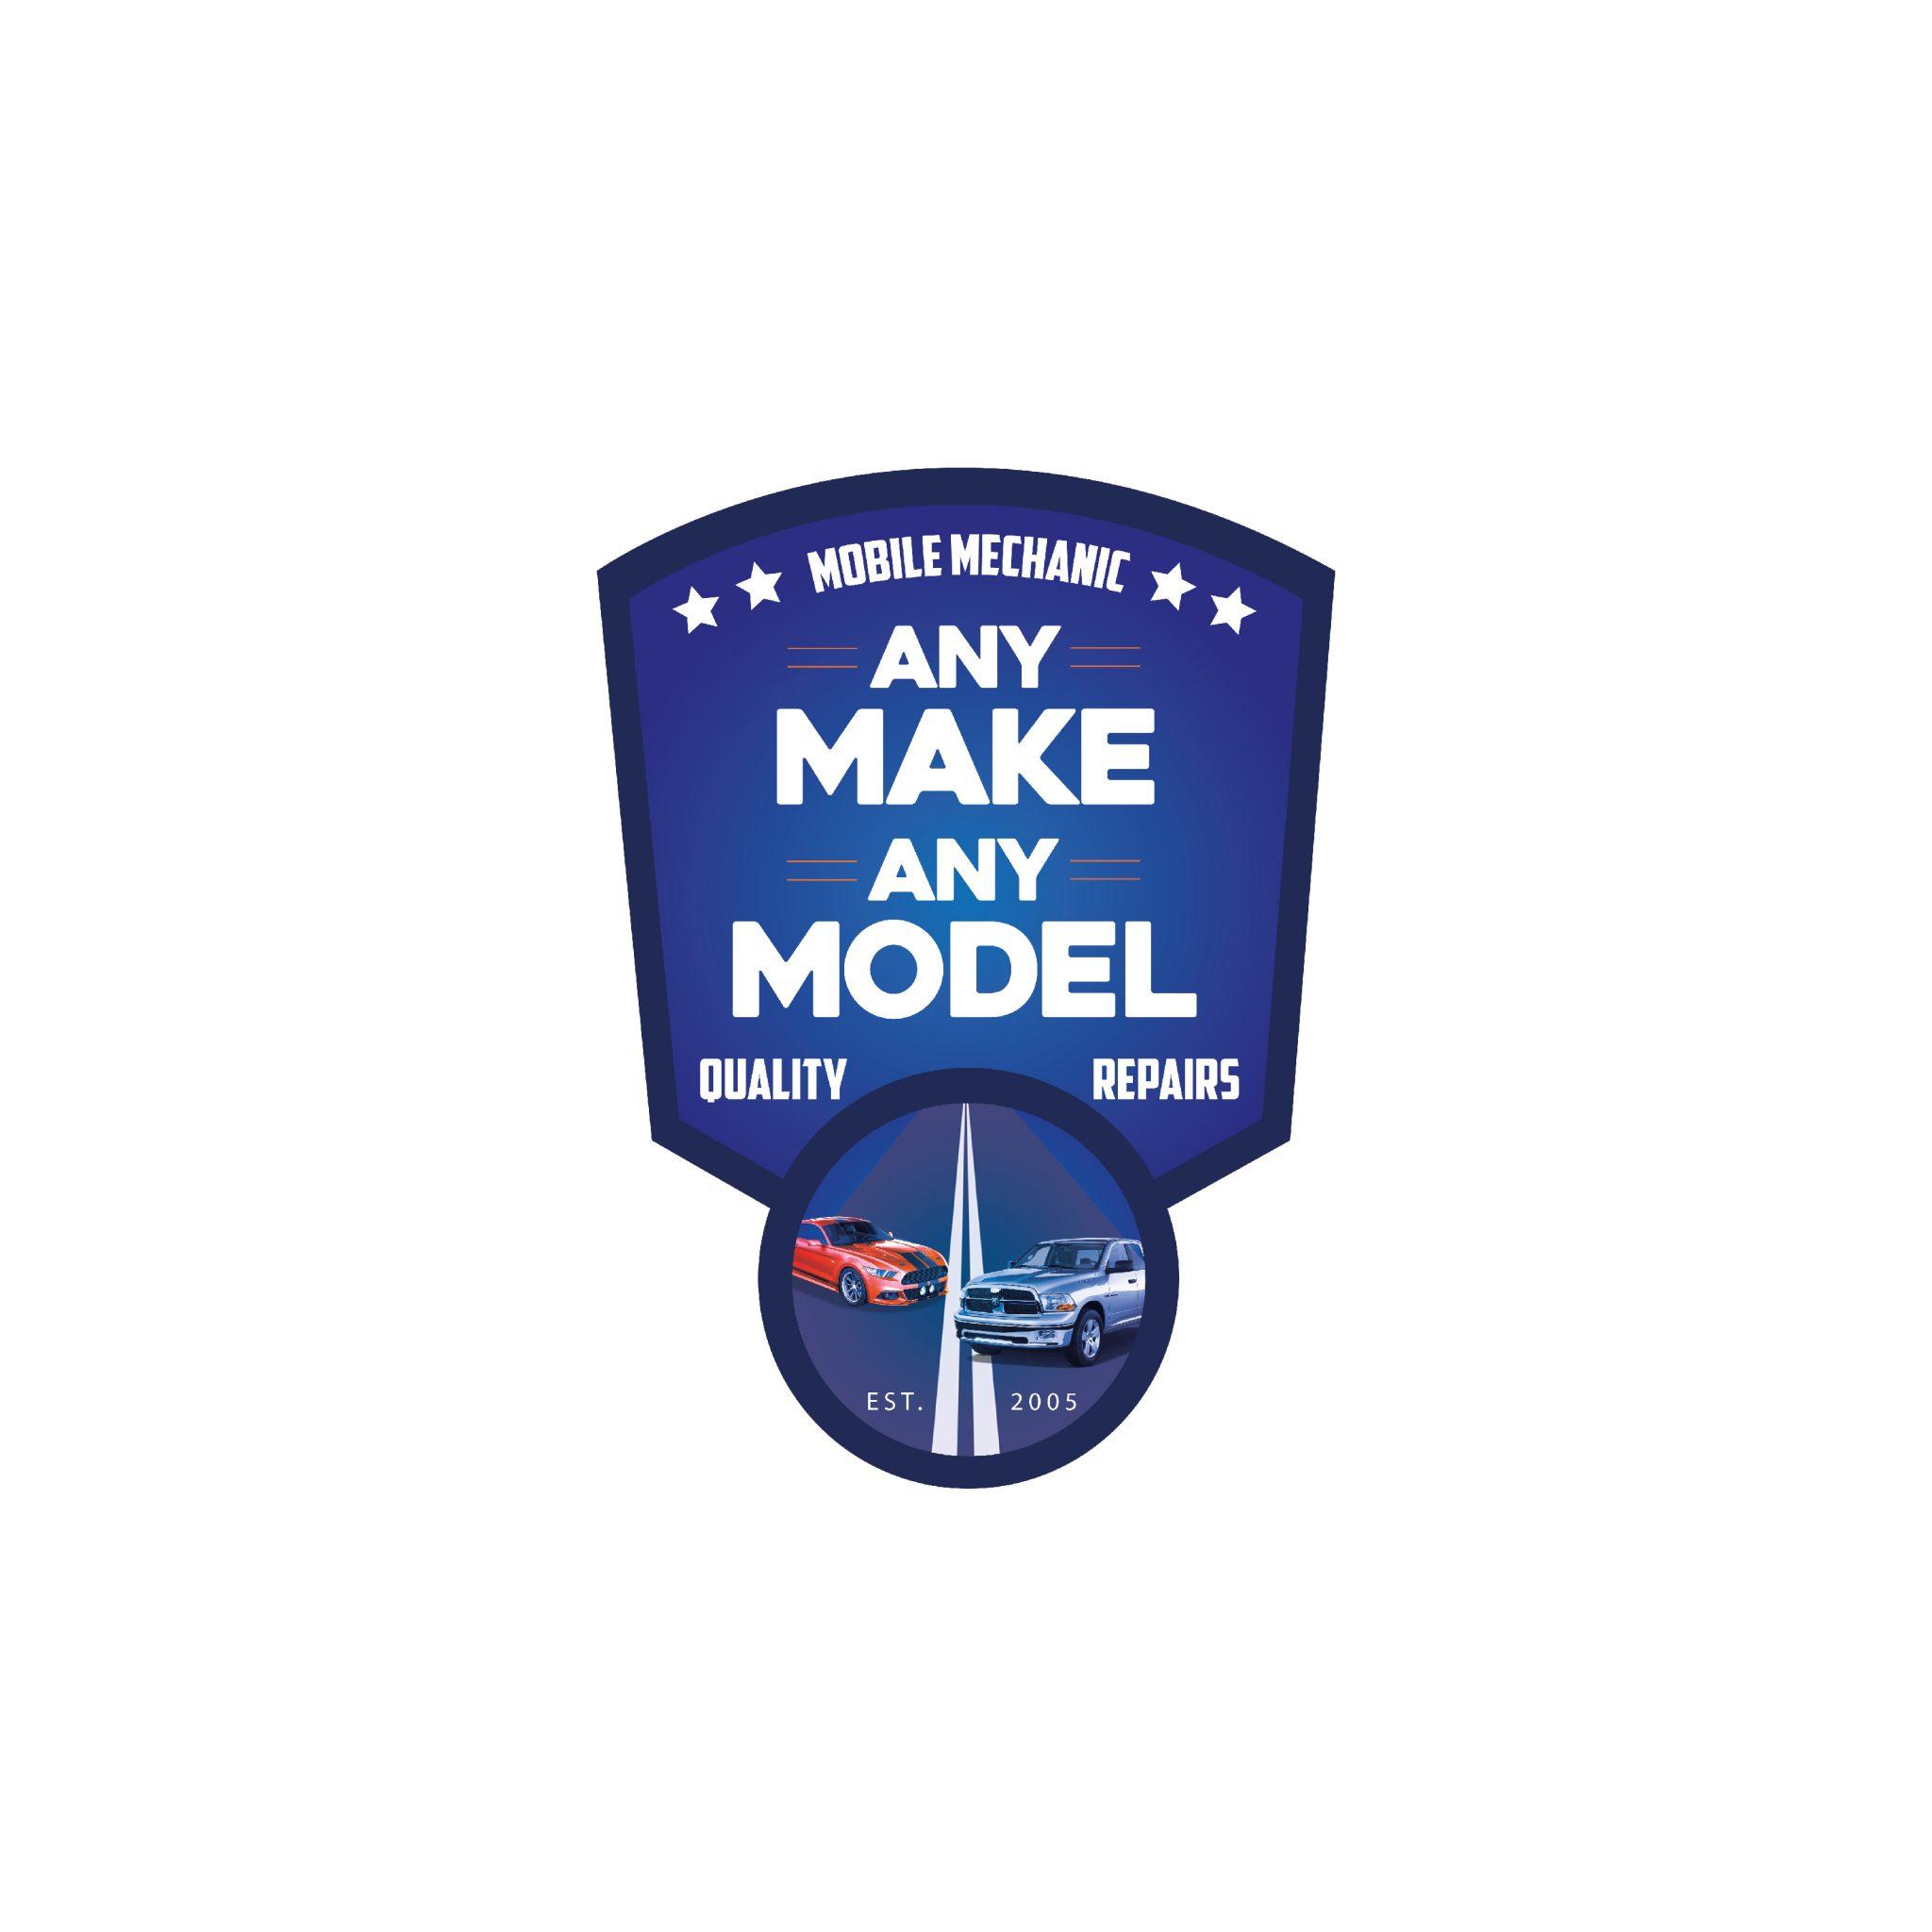 Any Make Any Model